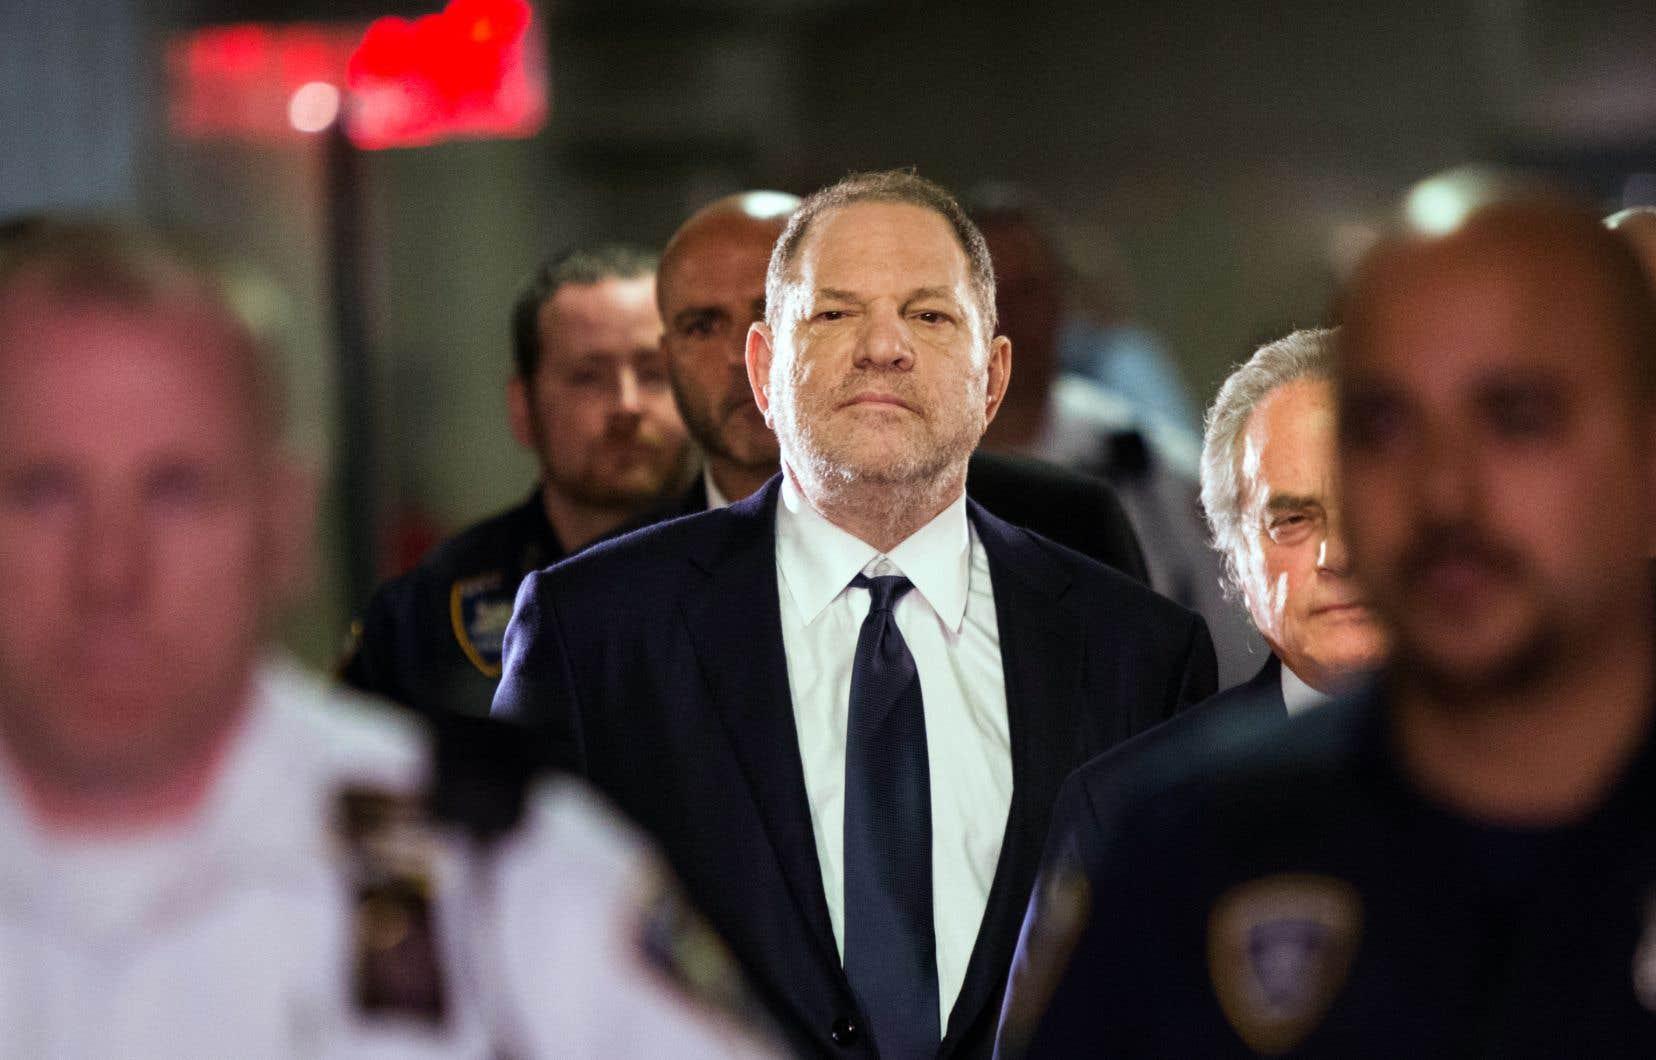 Les révélations de Ronan Farrow sur les viols et les abus sexuels commis par Harvey Weinstein ont finalement été publiées deux mois plus tard, en octobre 2017, dans le New Yorker.